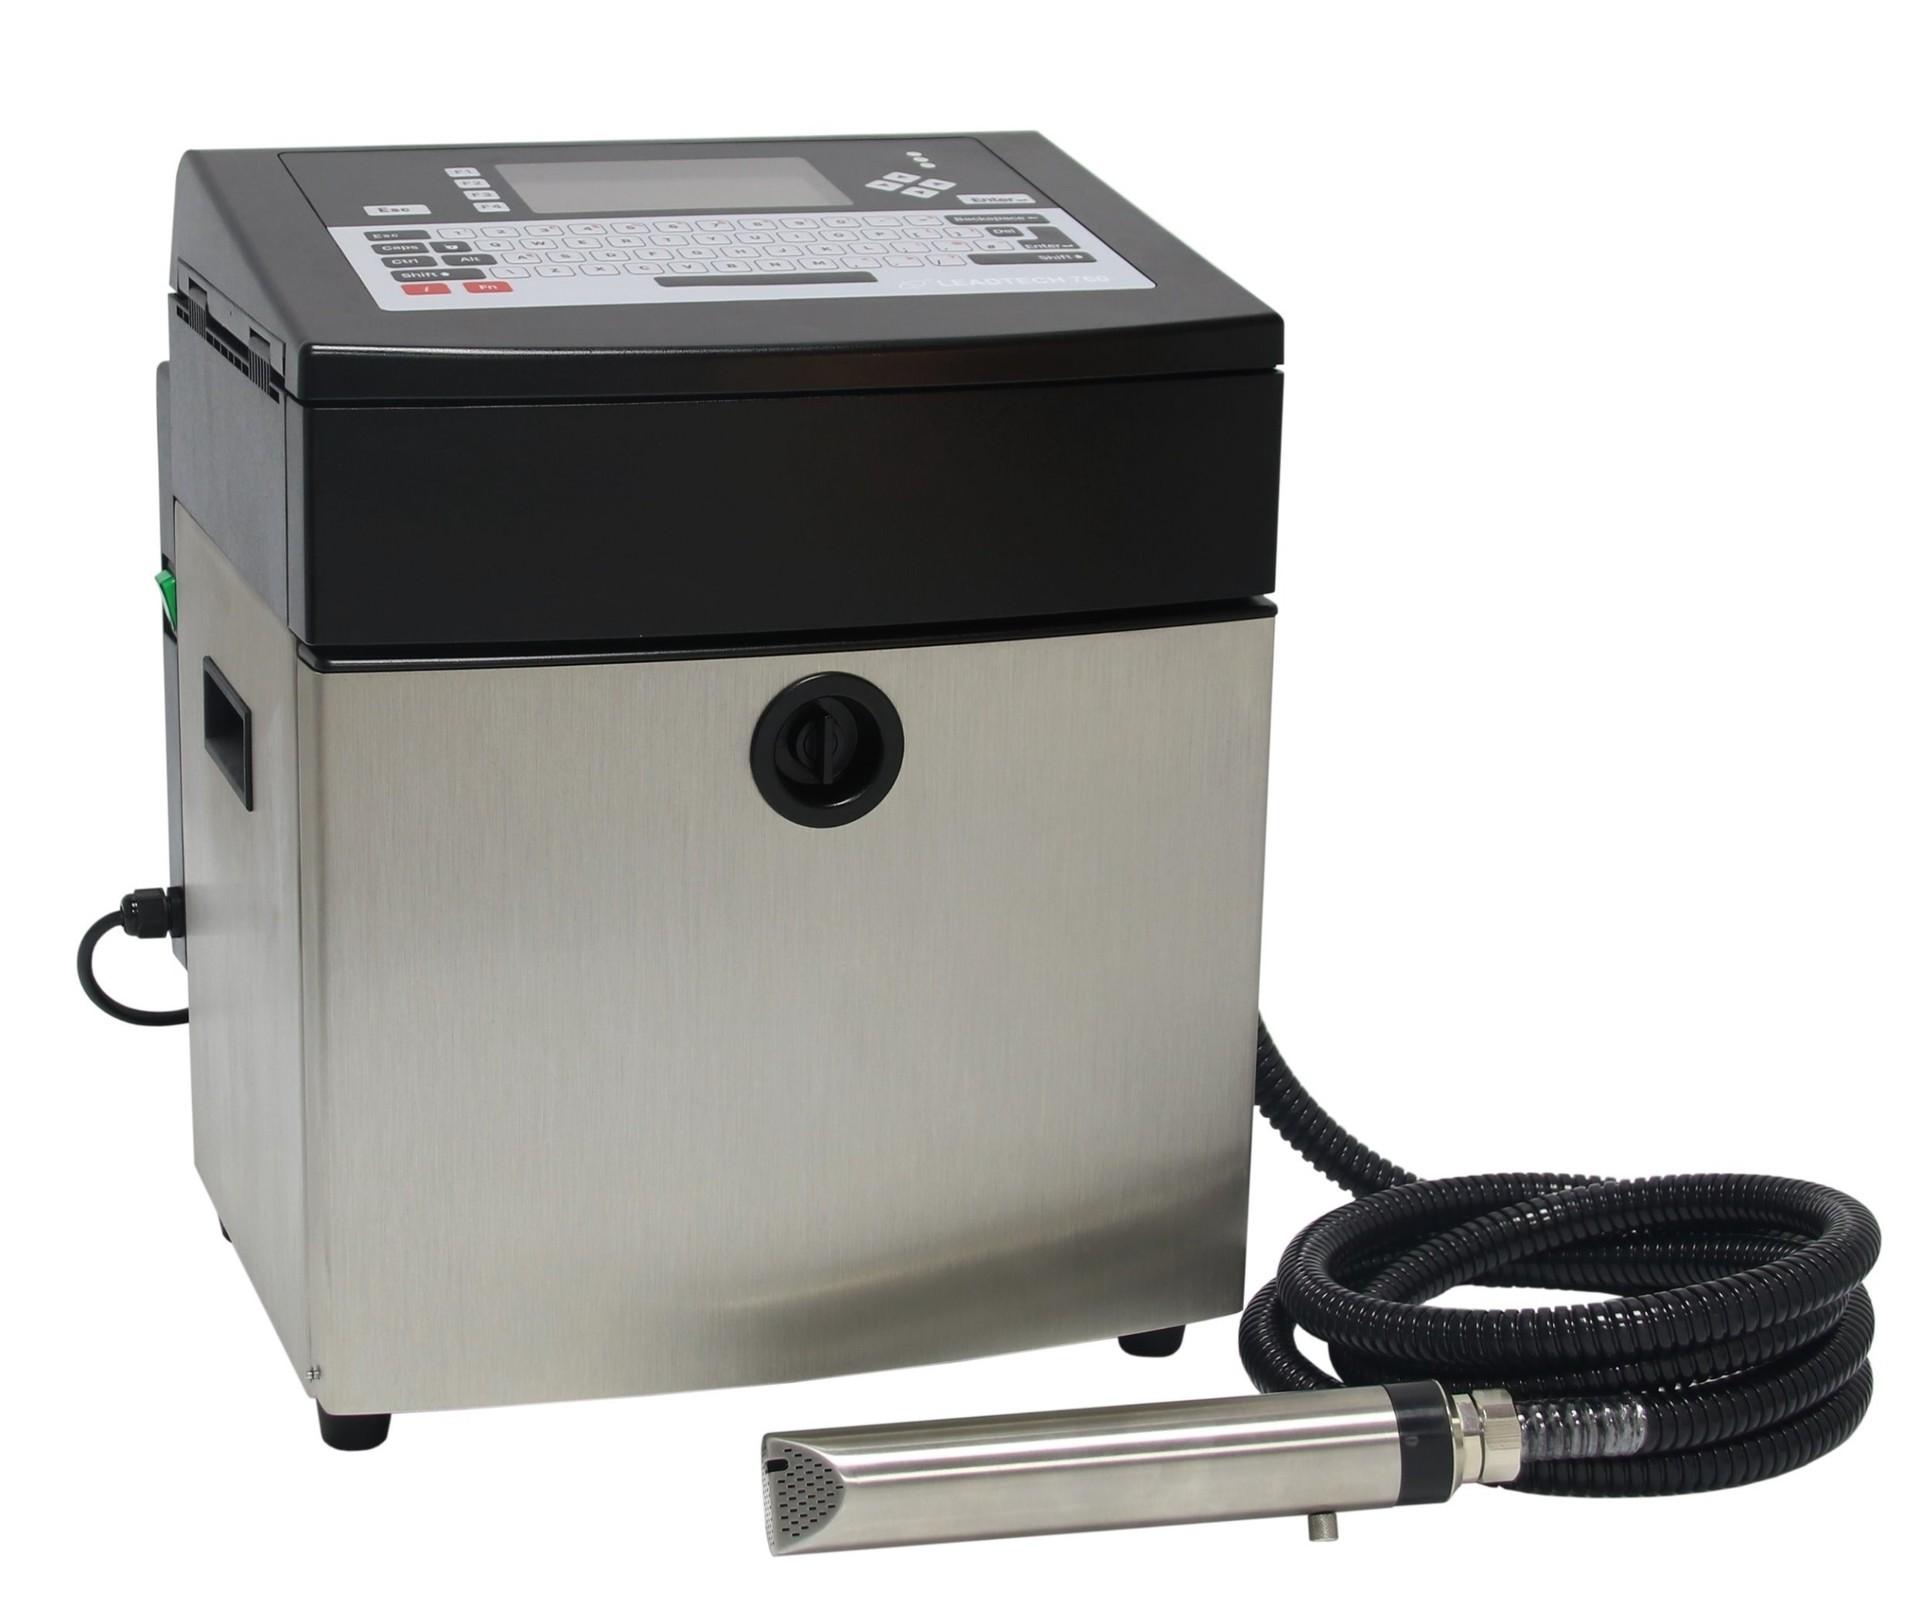 Lead Tech Lt760 Cij Inkjet Printer for 1d Barcode